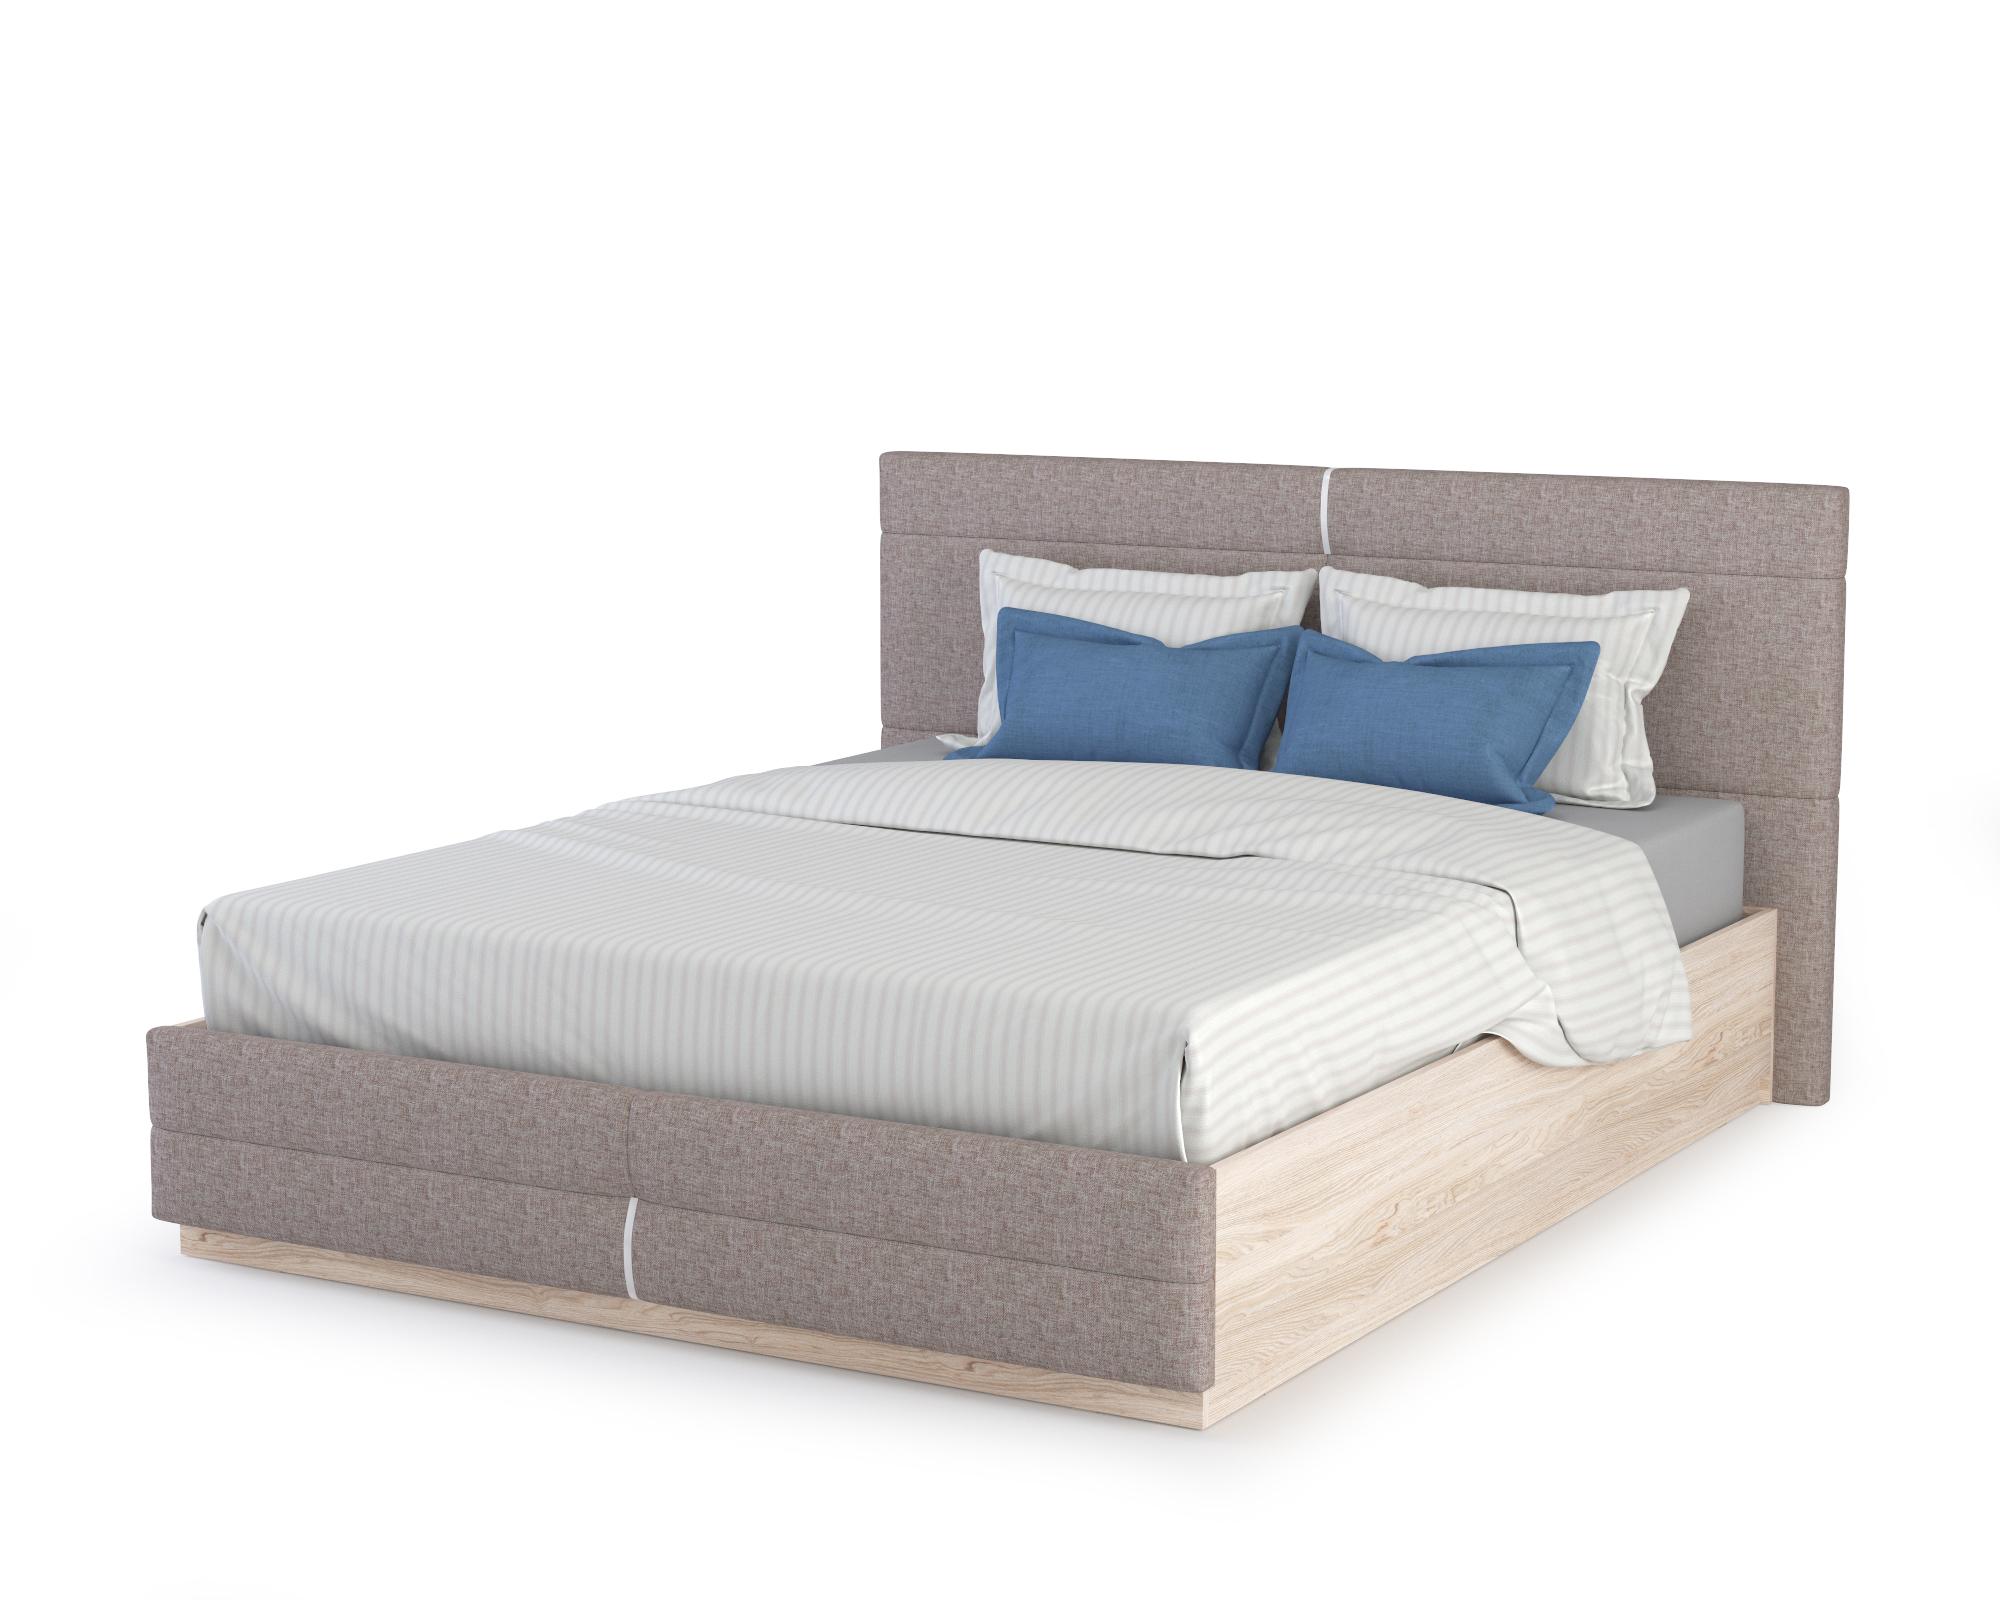 Кровать 1600 Mobi Элен ПО 160 ясень